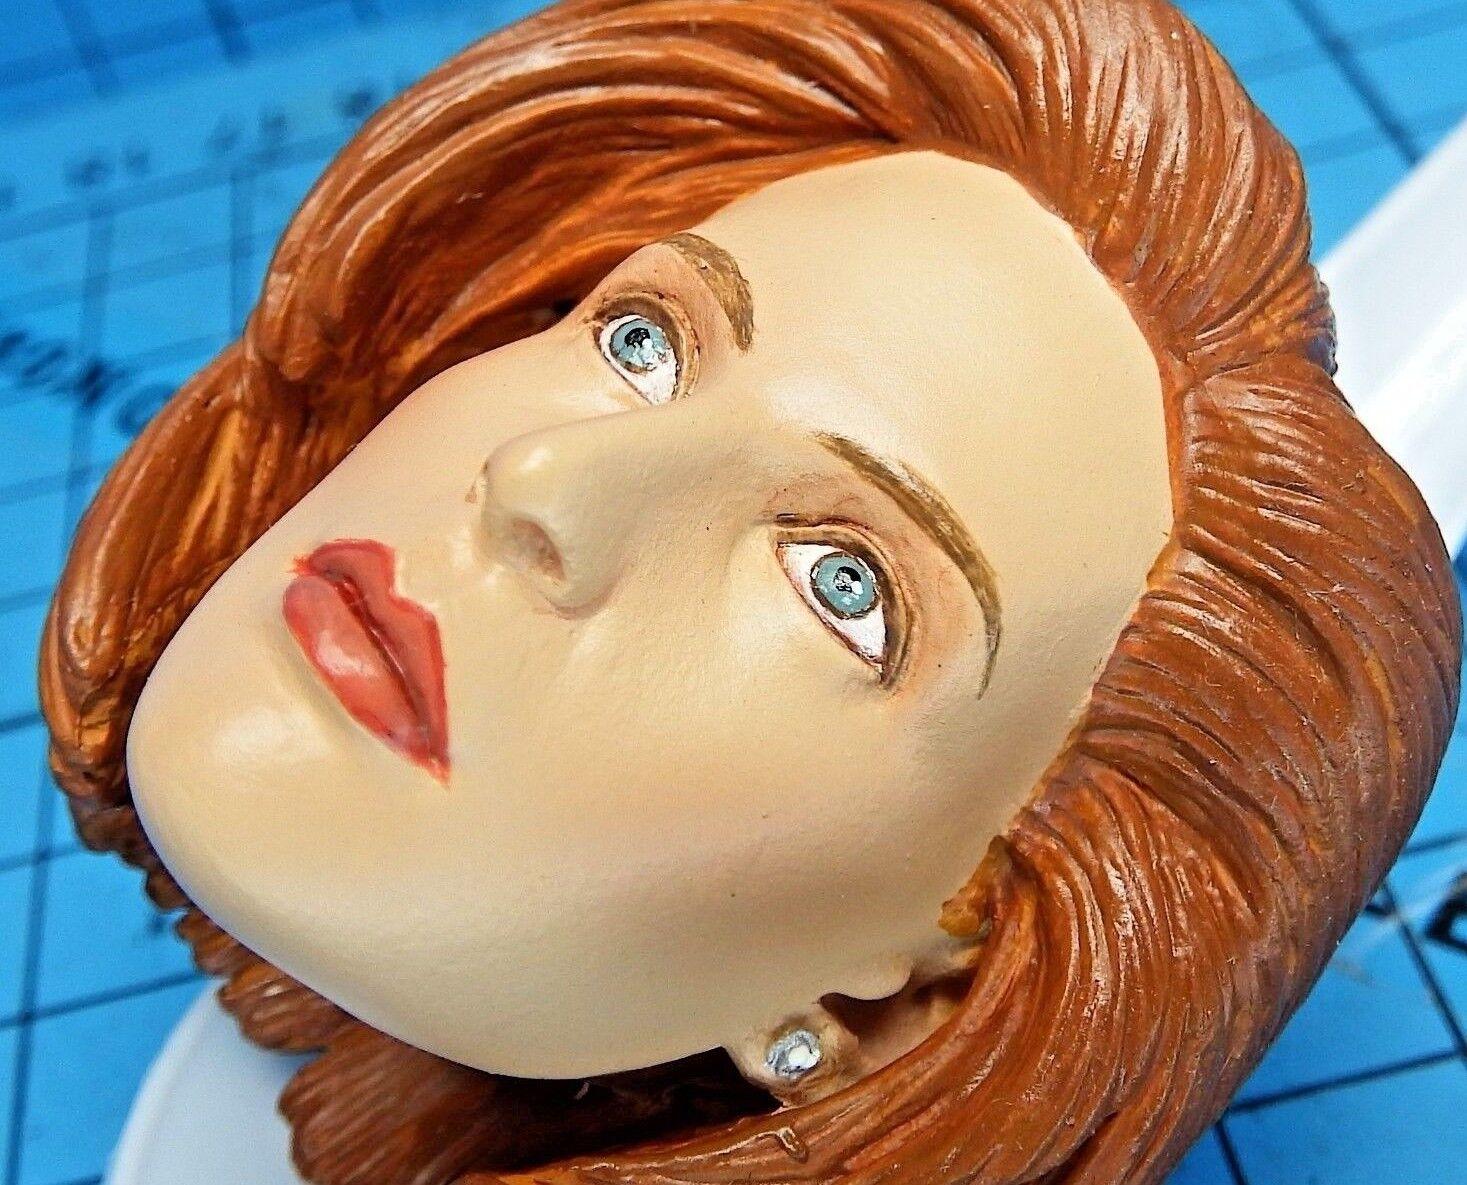 Sideshow 1 6 The X Files Dana Scully Figure - Gillian Anderson Head Sculpt